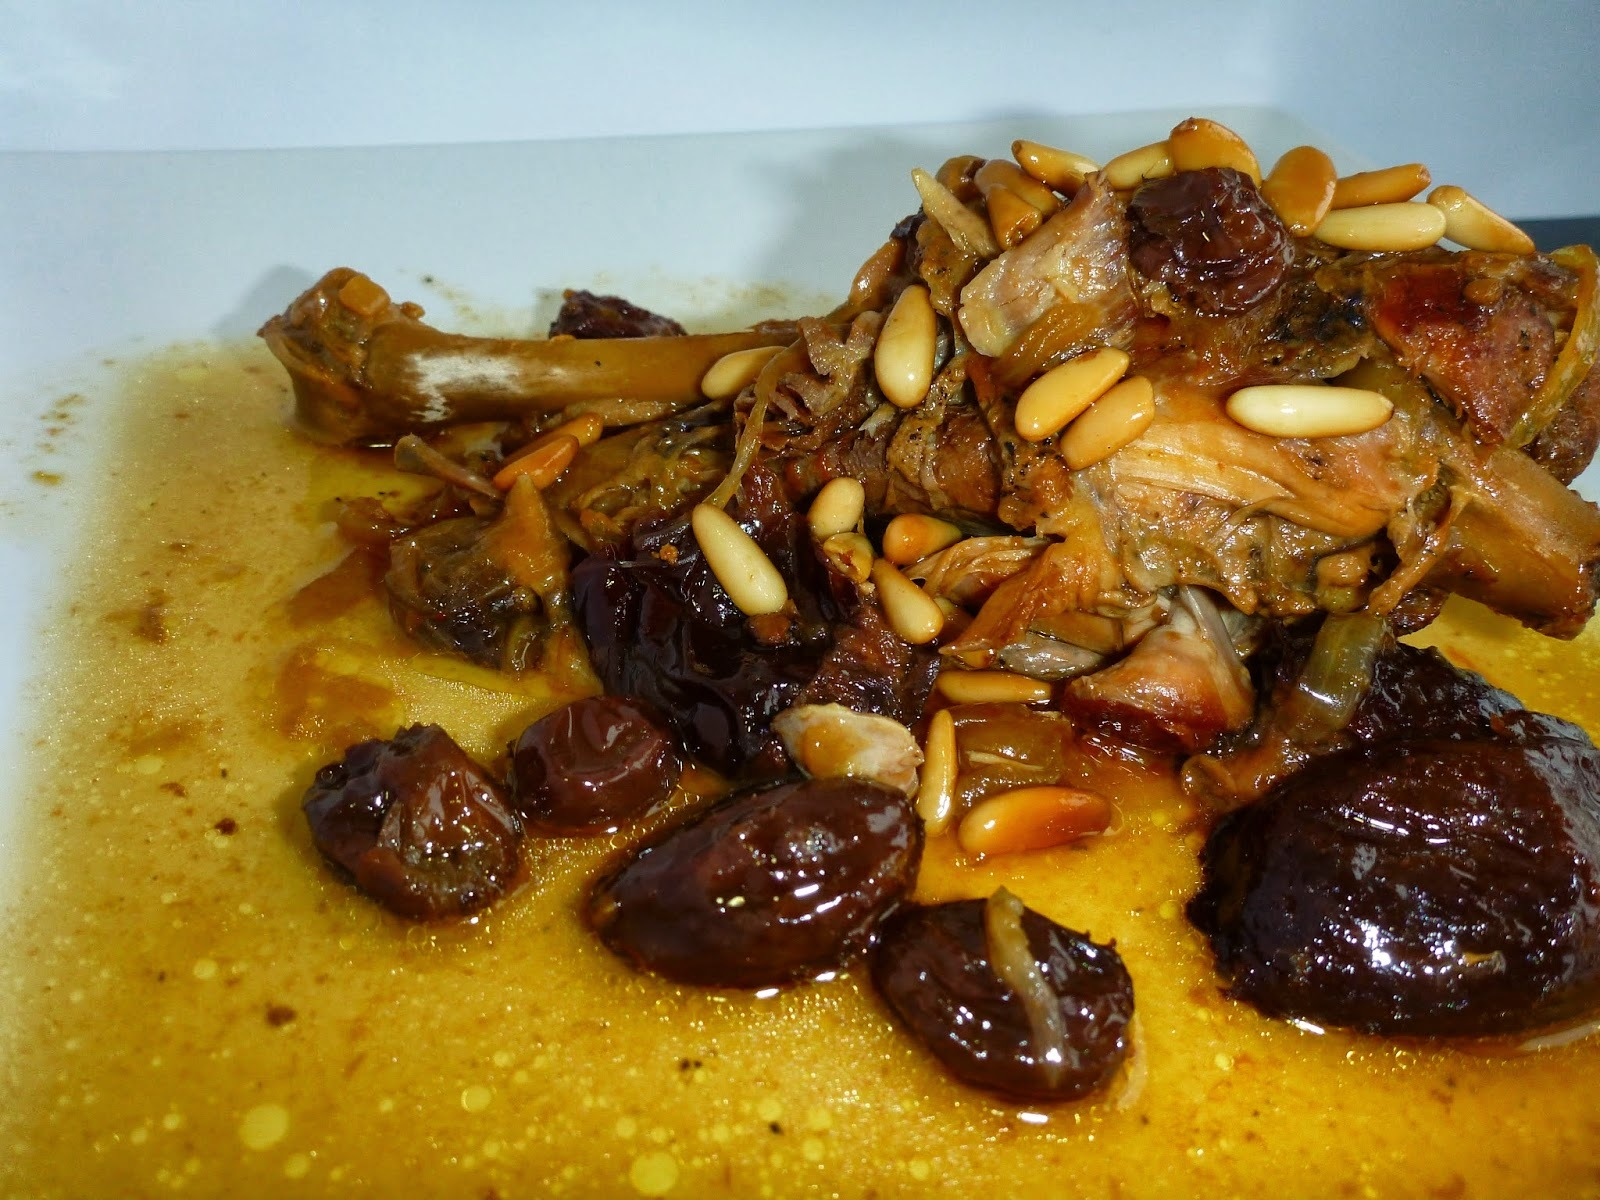 Pollastre de pagès amb prunes, panses i pinyons. Els pinyons.